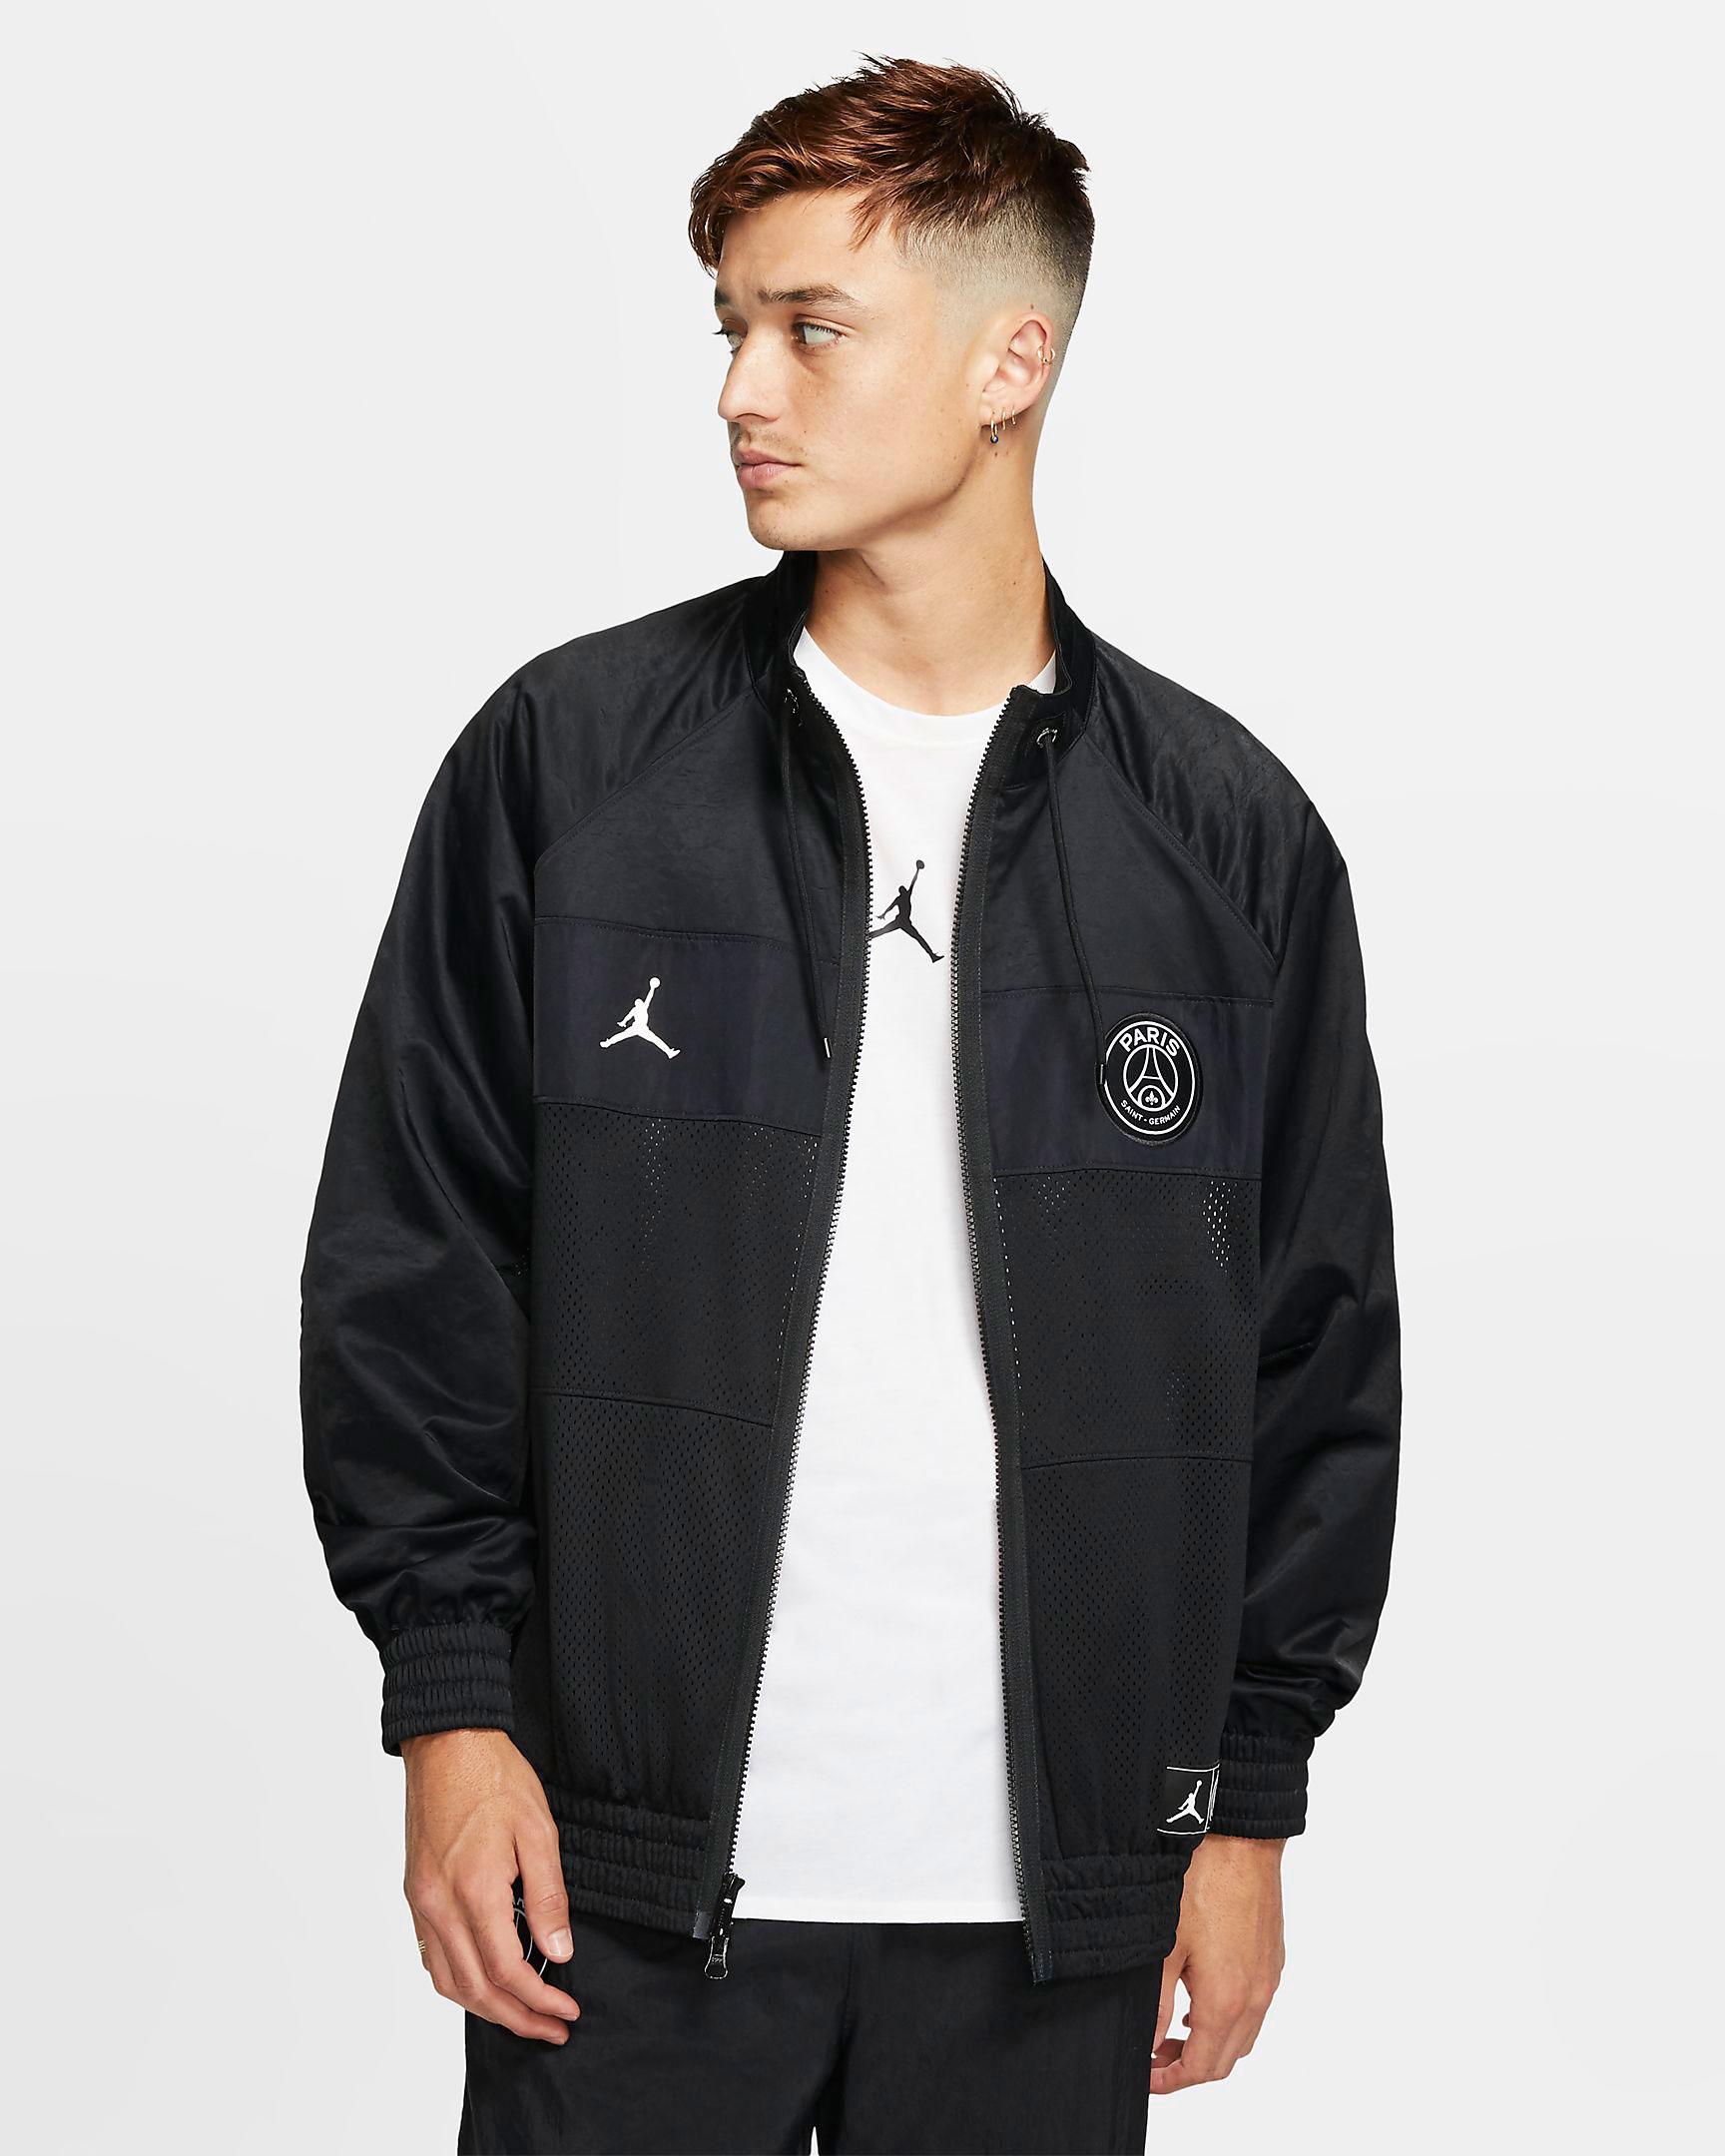 jordan-psg-paris-saint-germain-jacket